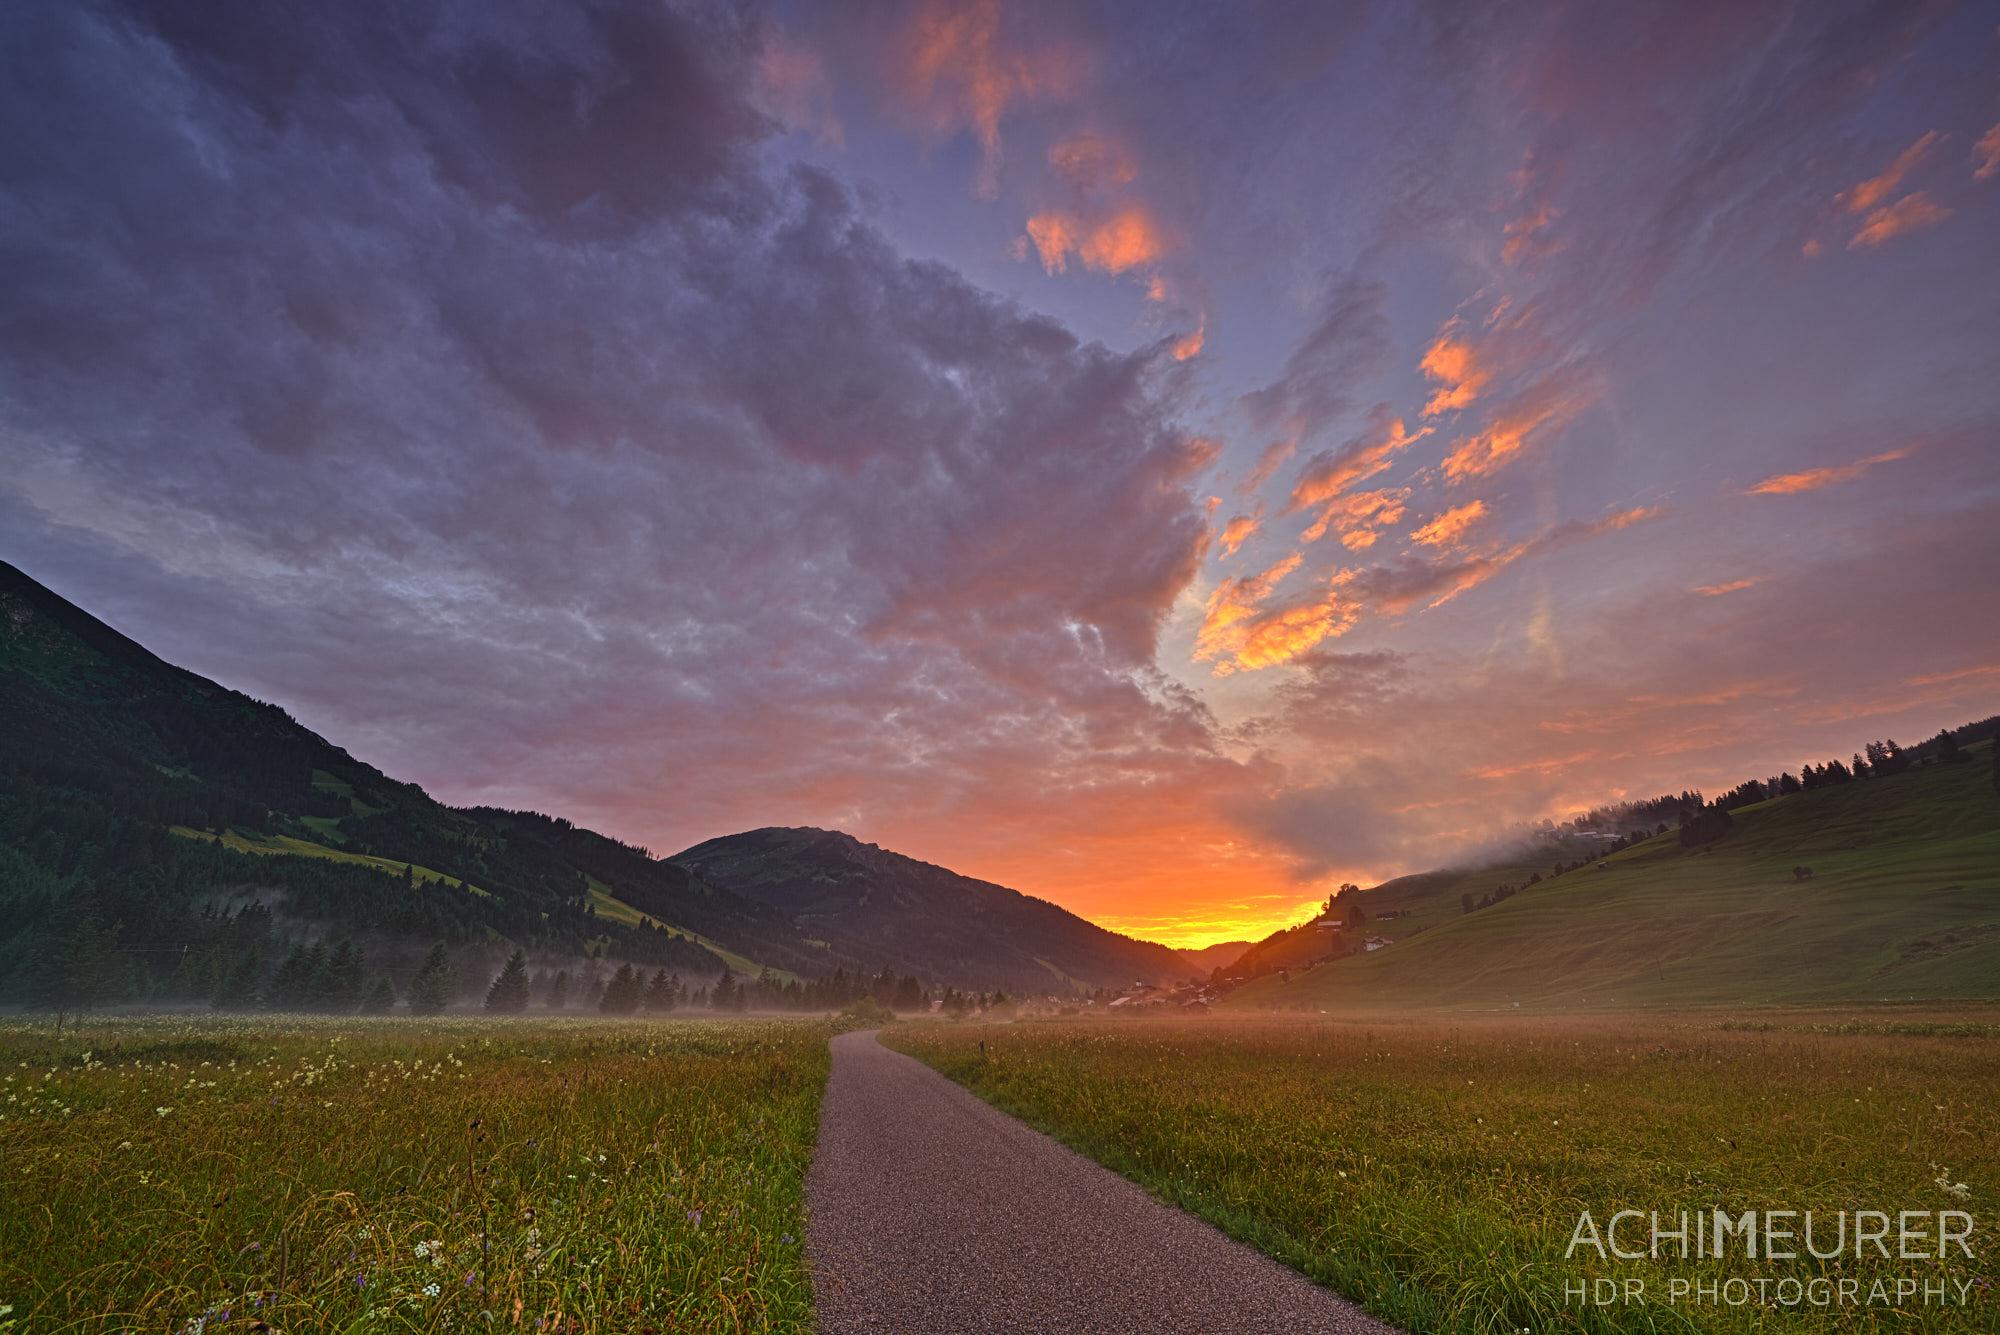 Tannheimertal-Sommer-Sonnenuntergang_8112_HDR 1